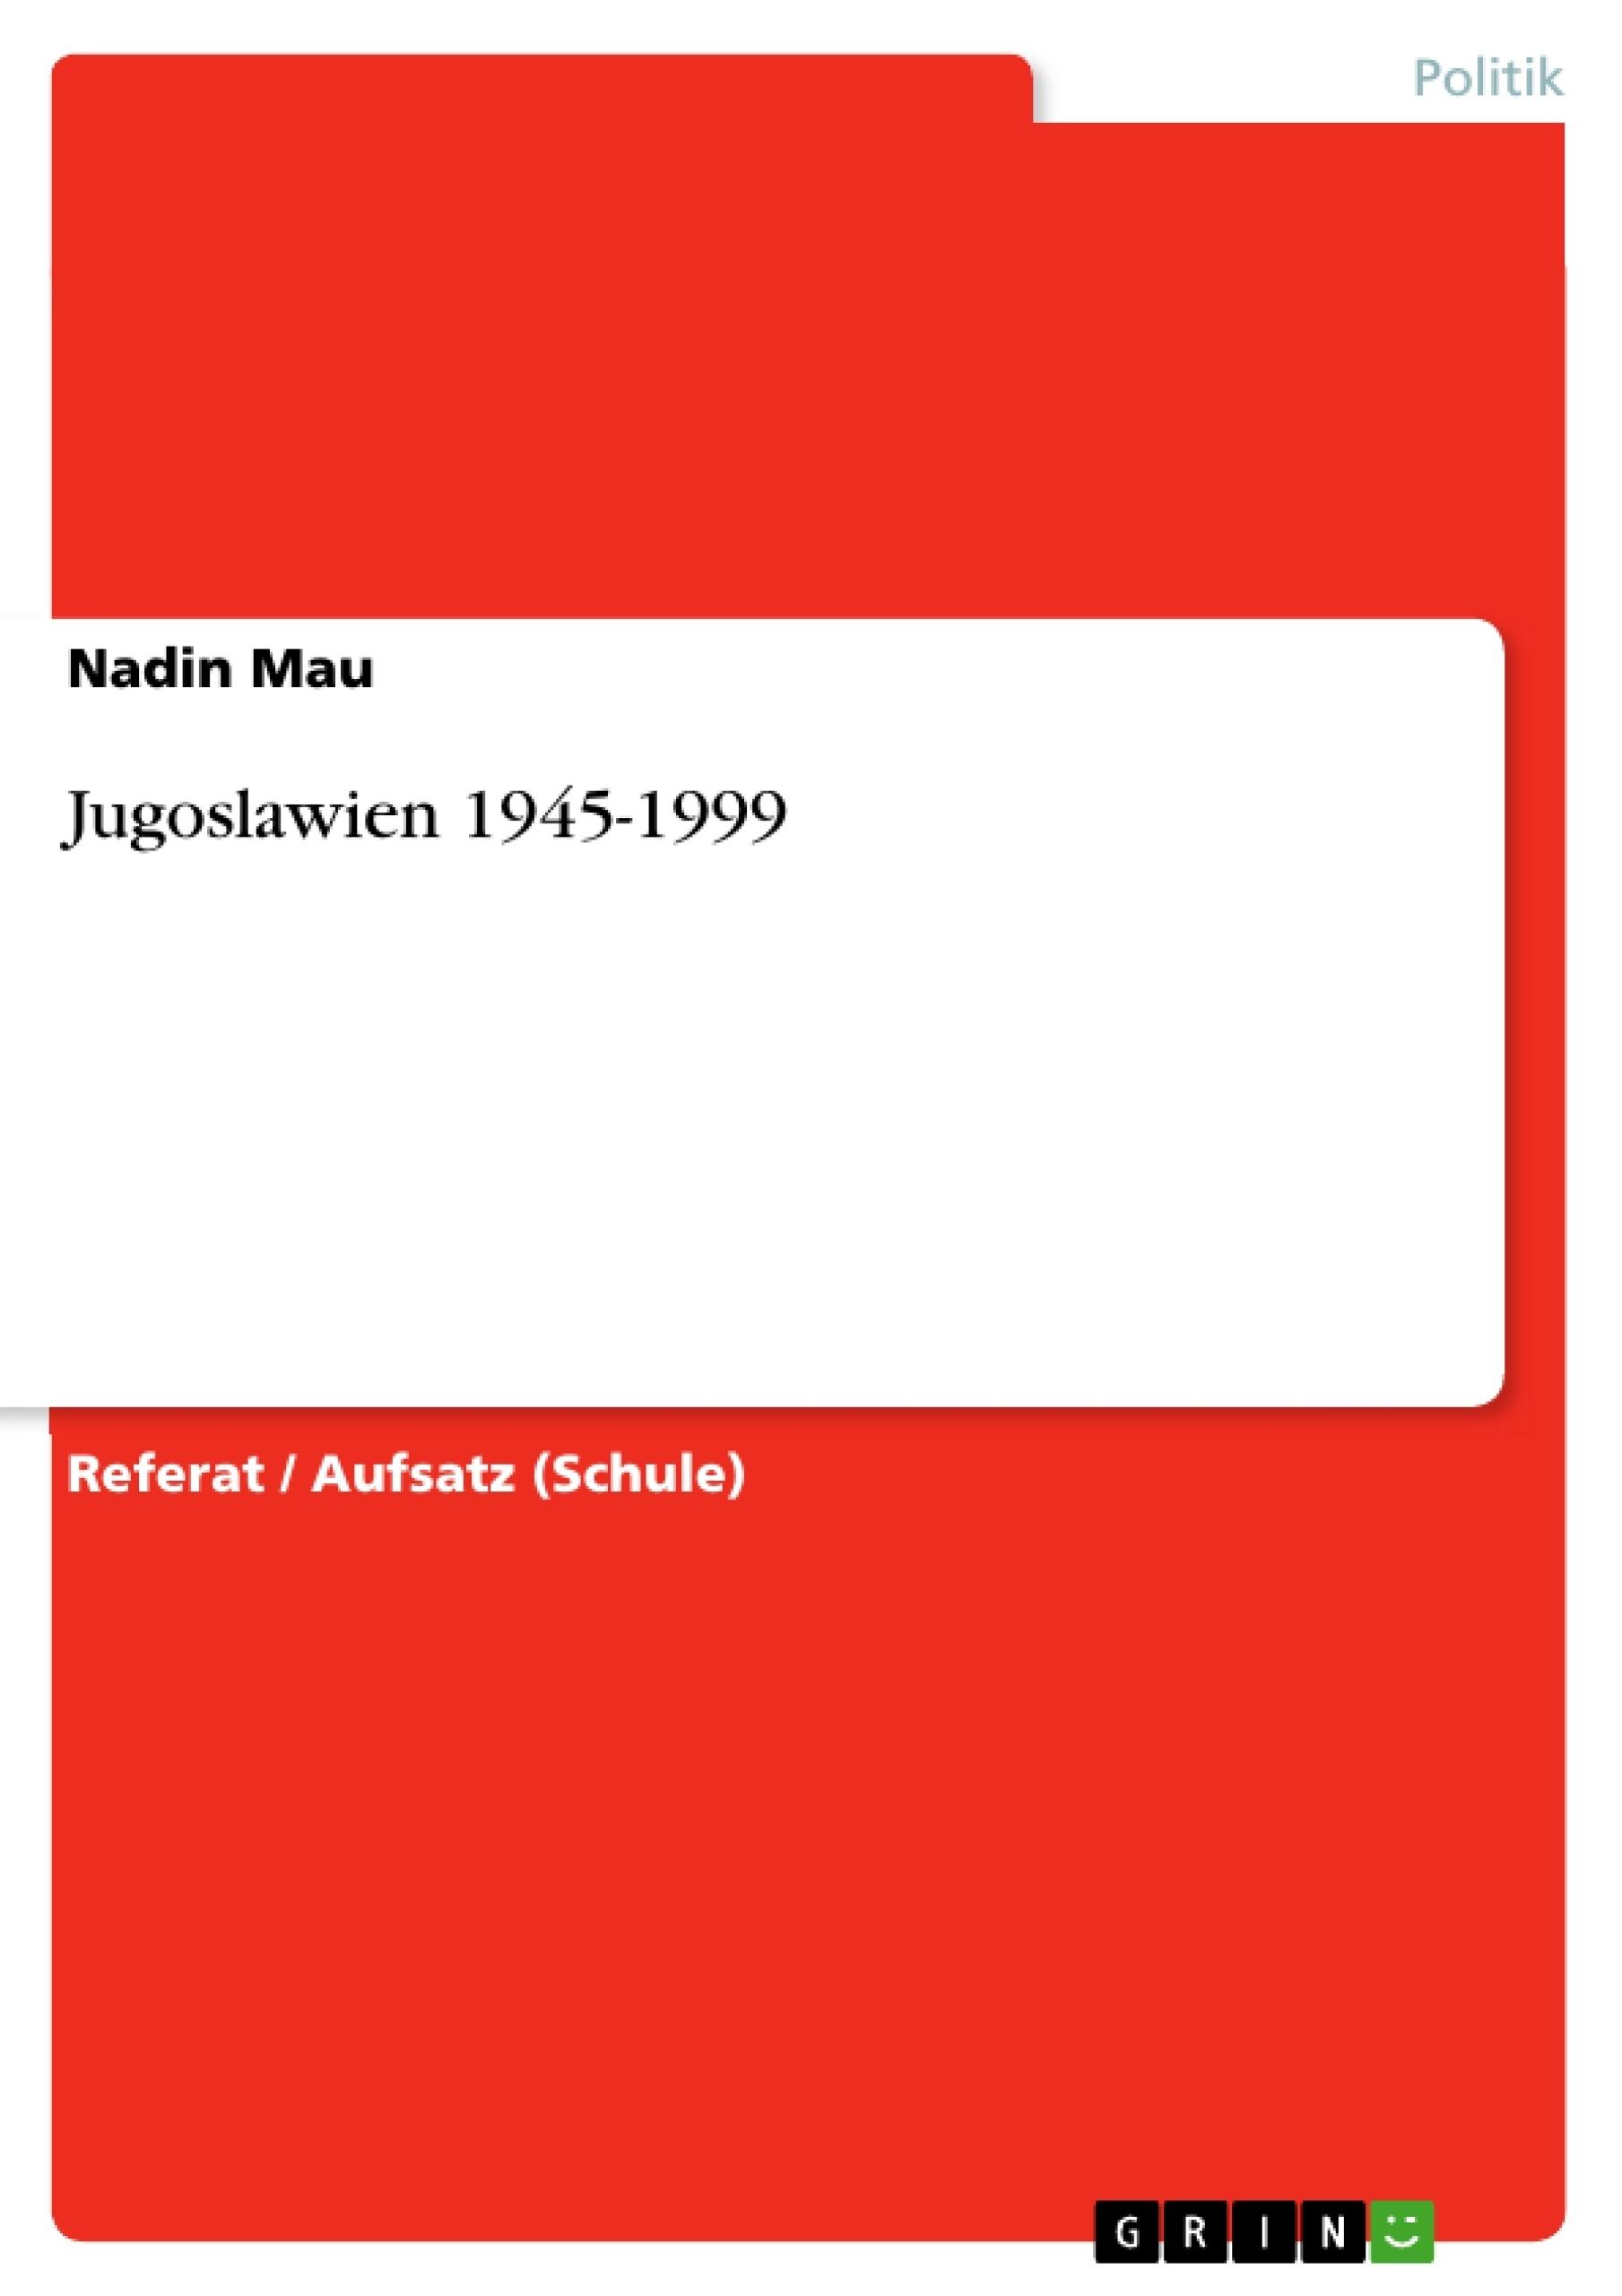 Titel: Jugoslawien 1945-1999